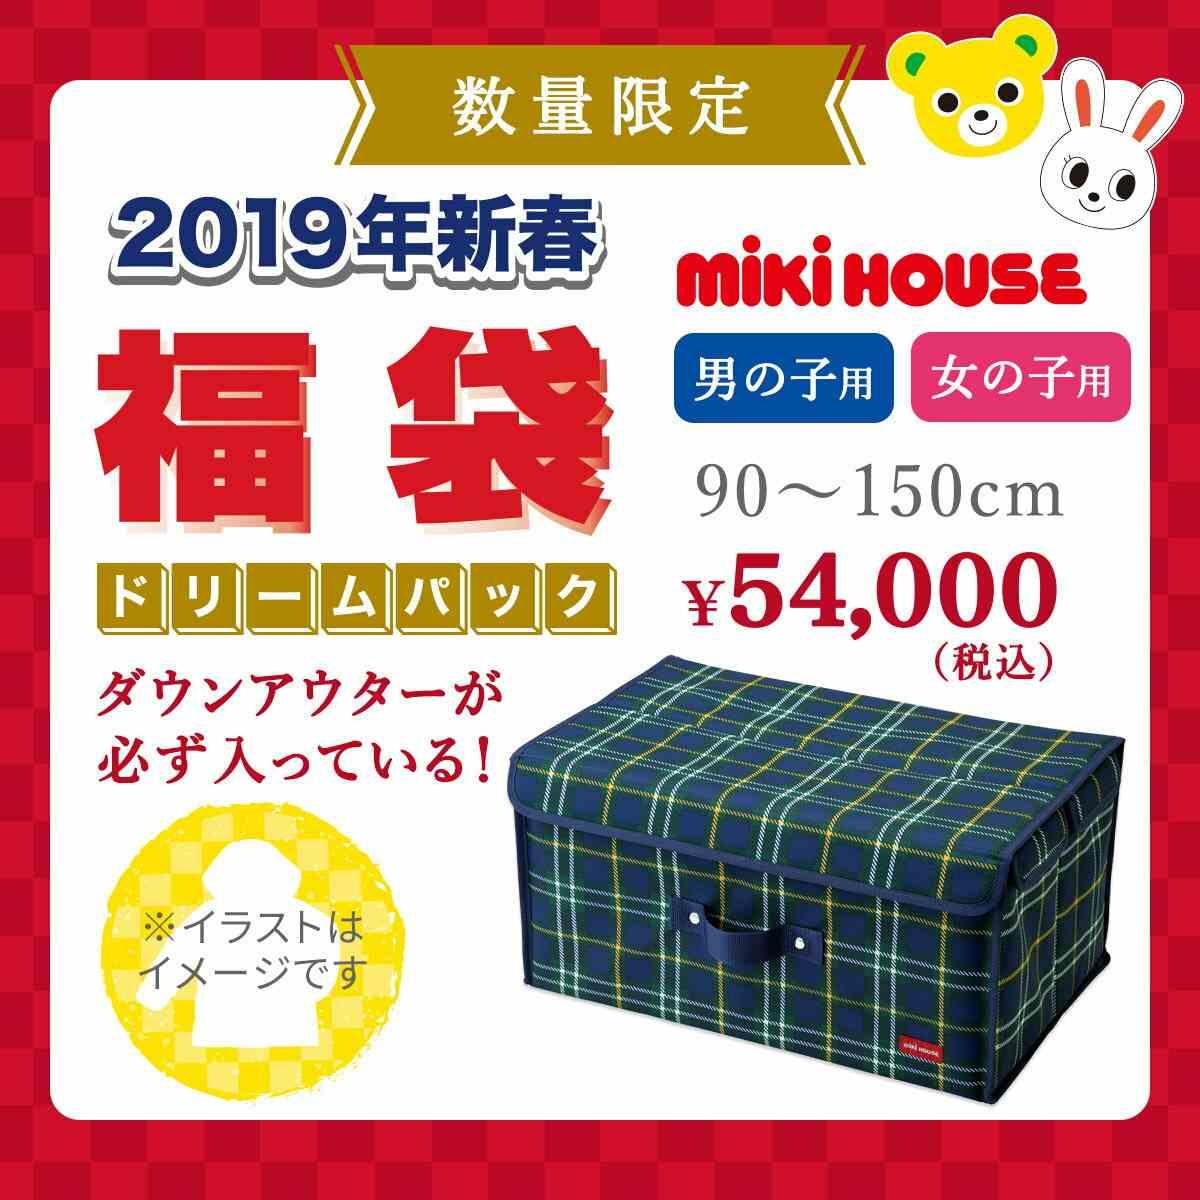 ミキハウス mikihouse ドリームパック 5万円福袋 新春福袋 90-150cm 予約